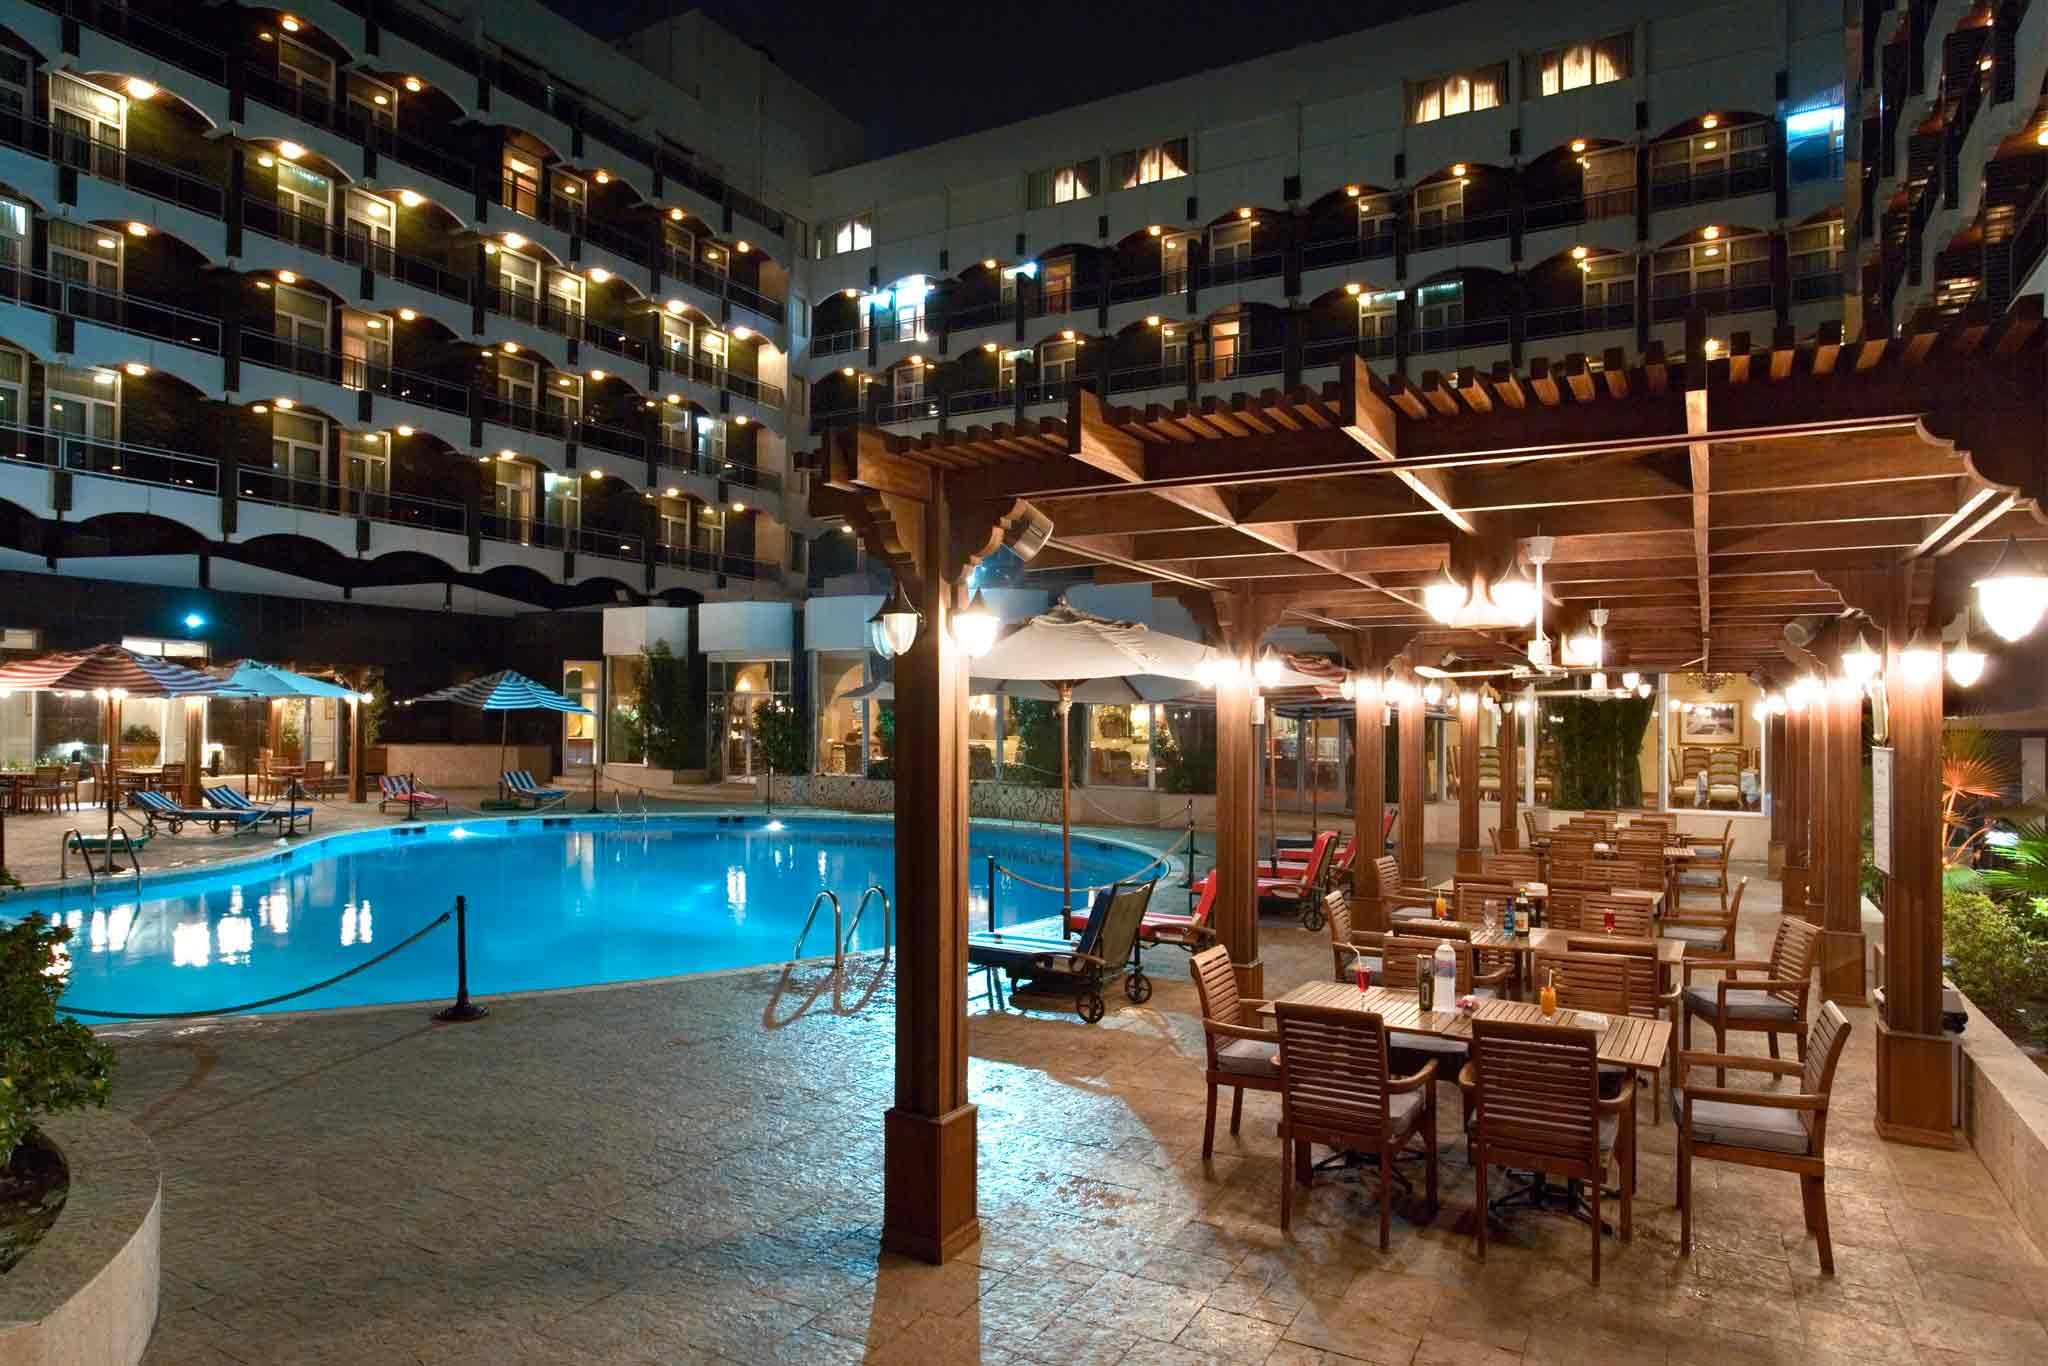 Hotel – Al Hamra Hotel Jeddah Managed by Accorhotels